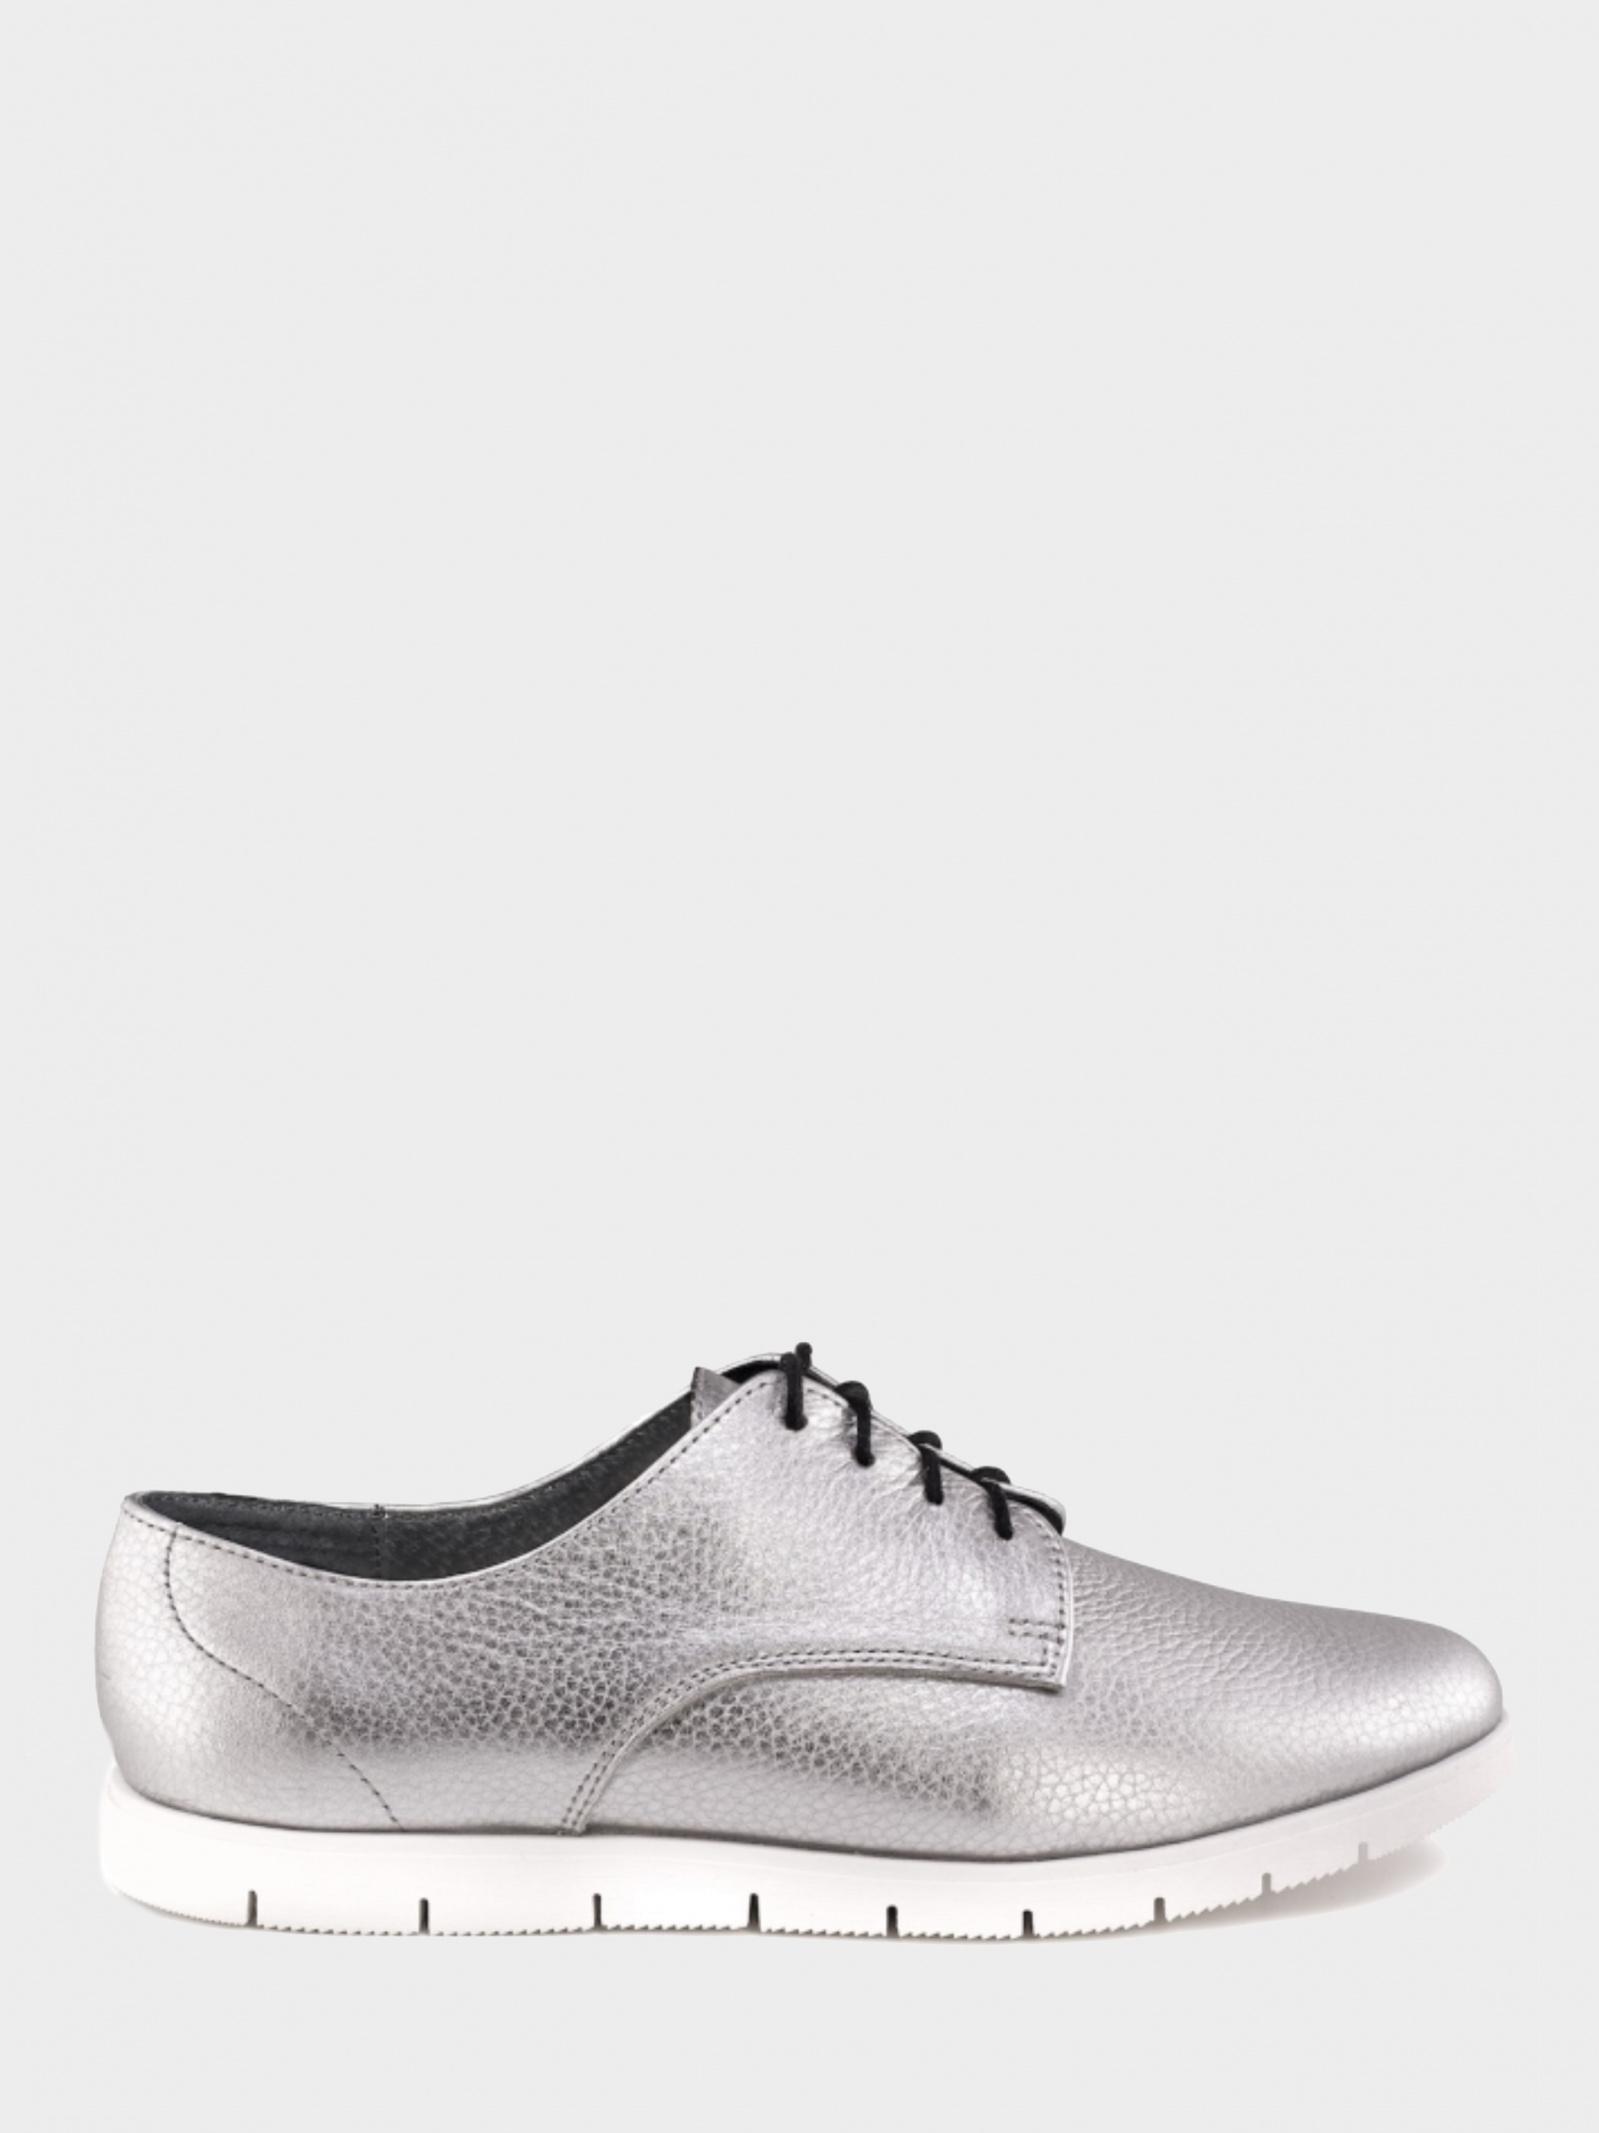 Туфли женские ТУФЛИ G1 G1.1.000000334 стоимость, 2017